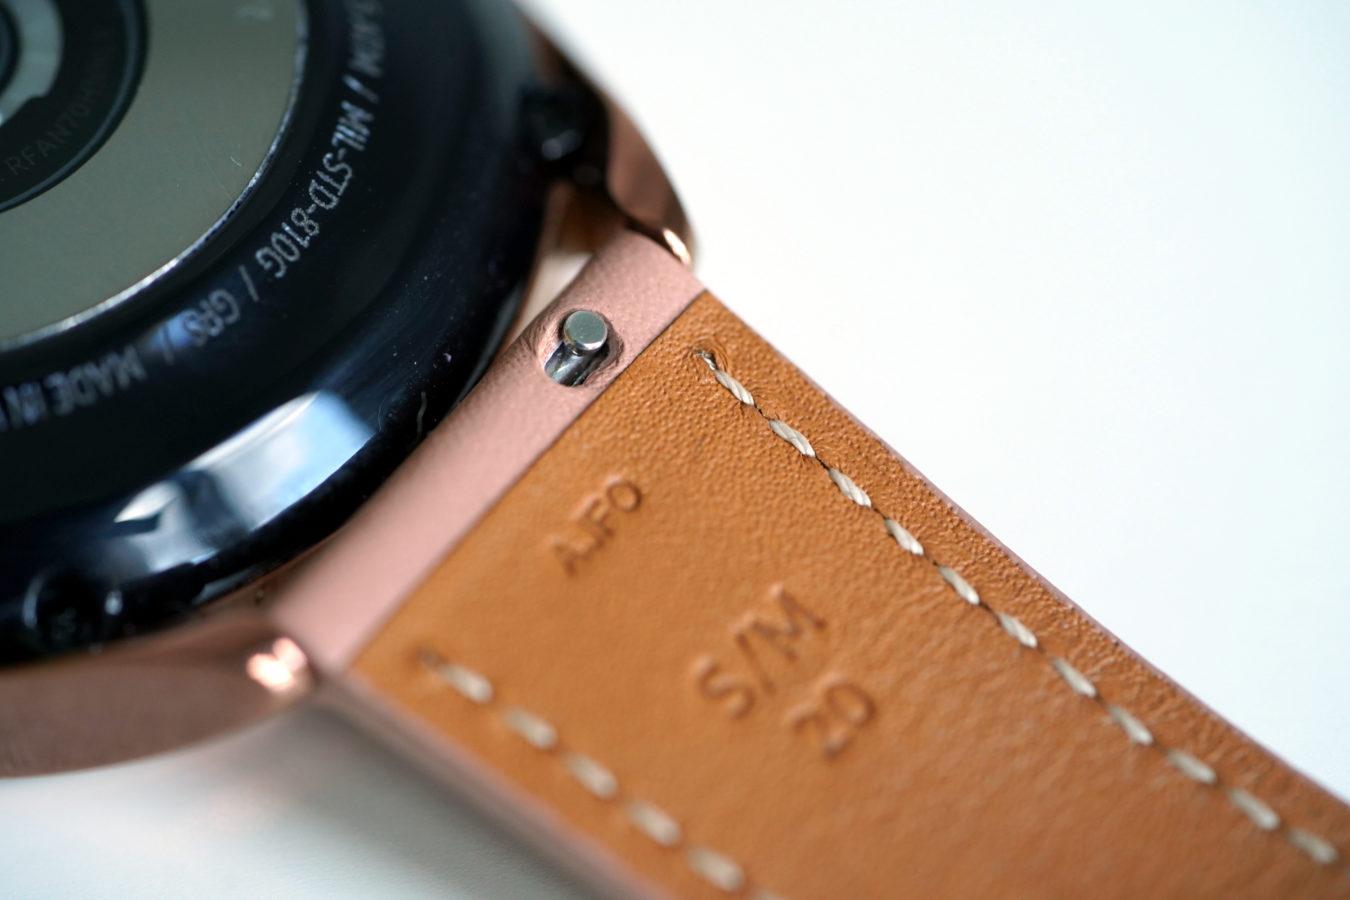 Chciałabym, żeby działał dłużej - taki jest fajny. Recenzja Samsung Galaxy Watch 3 41 samsung galaxy watch 3